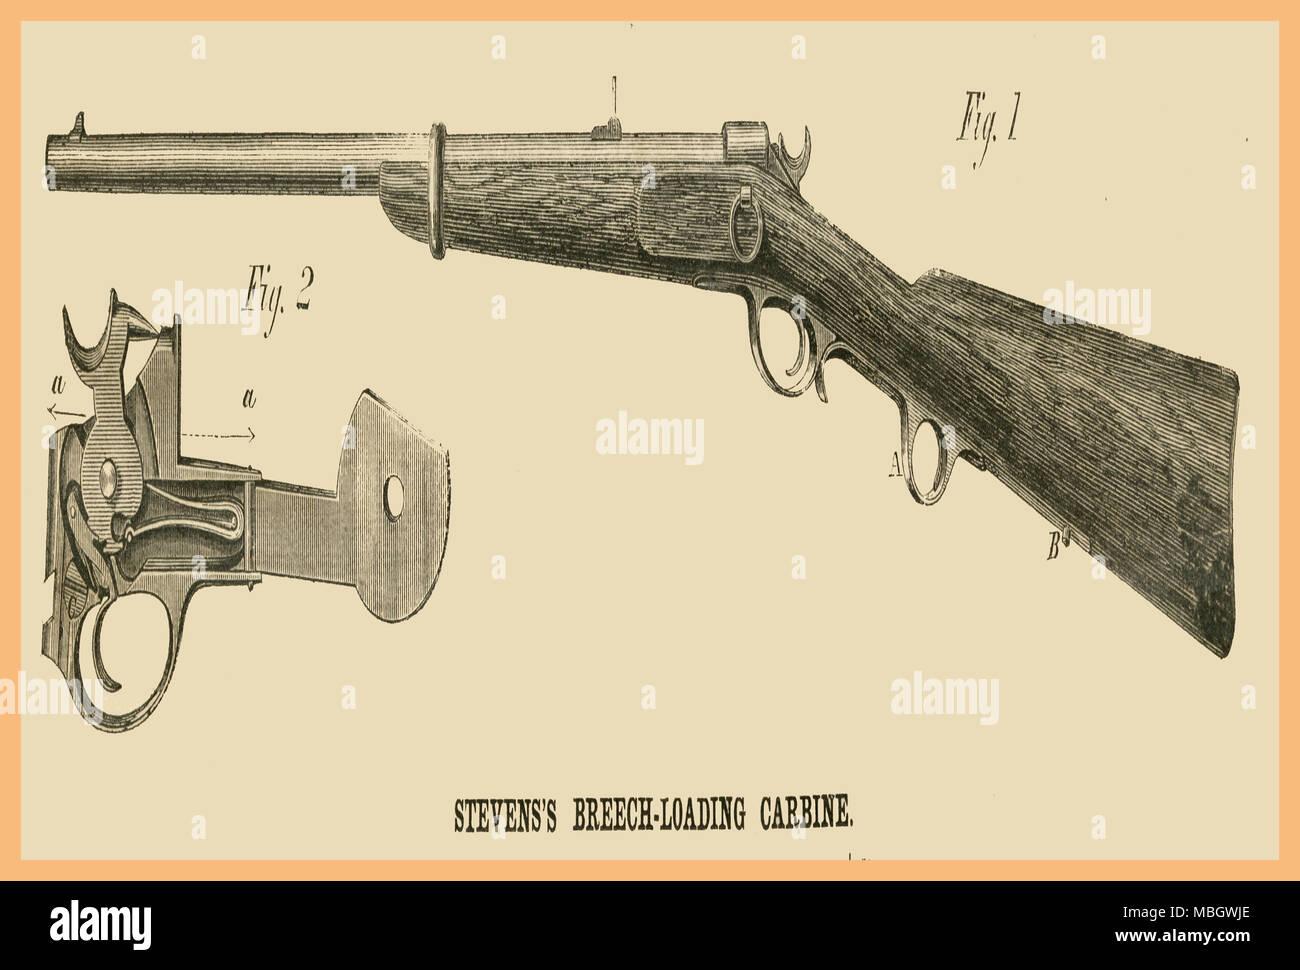 Steven's Breech Loading Carbine - Stock Image